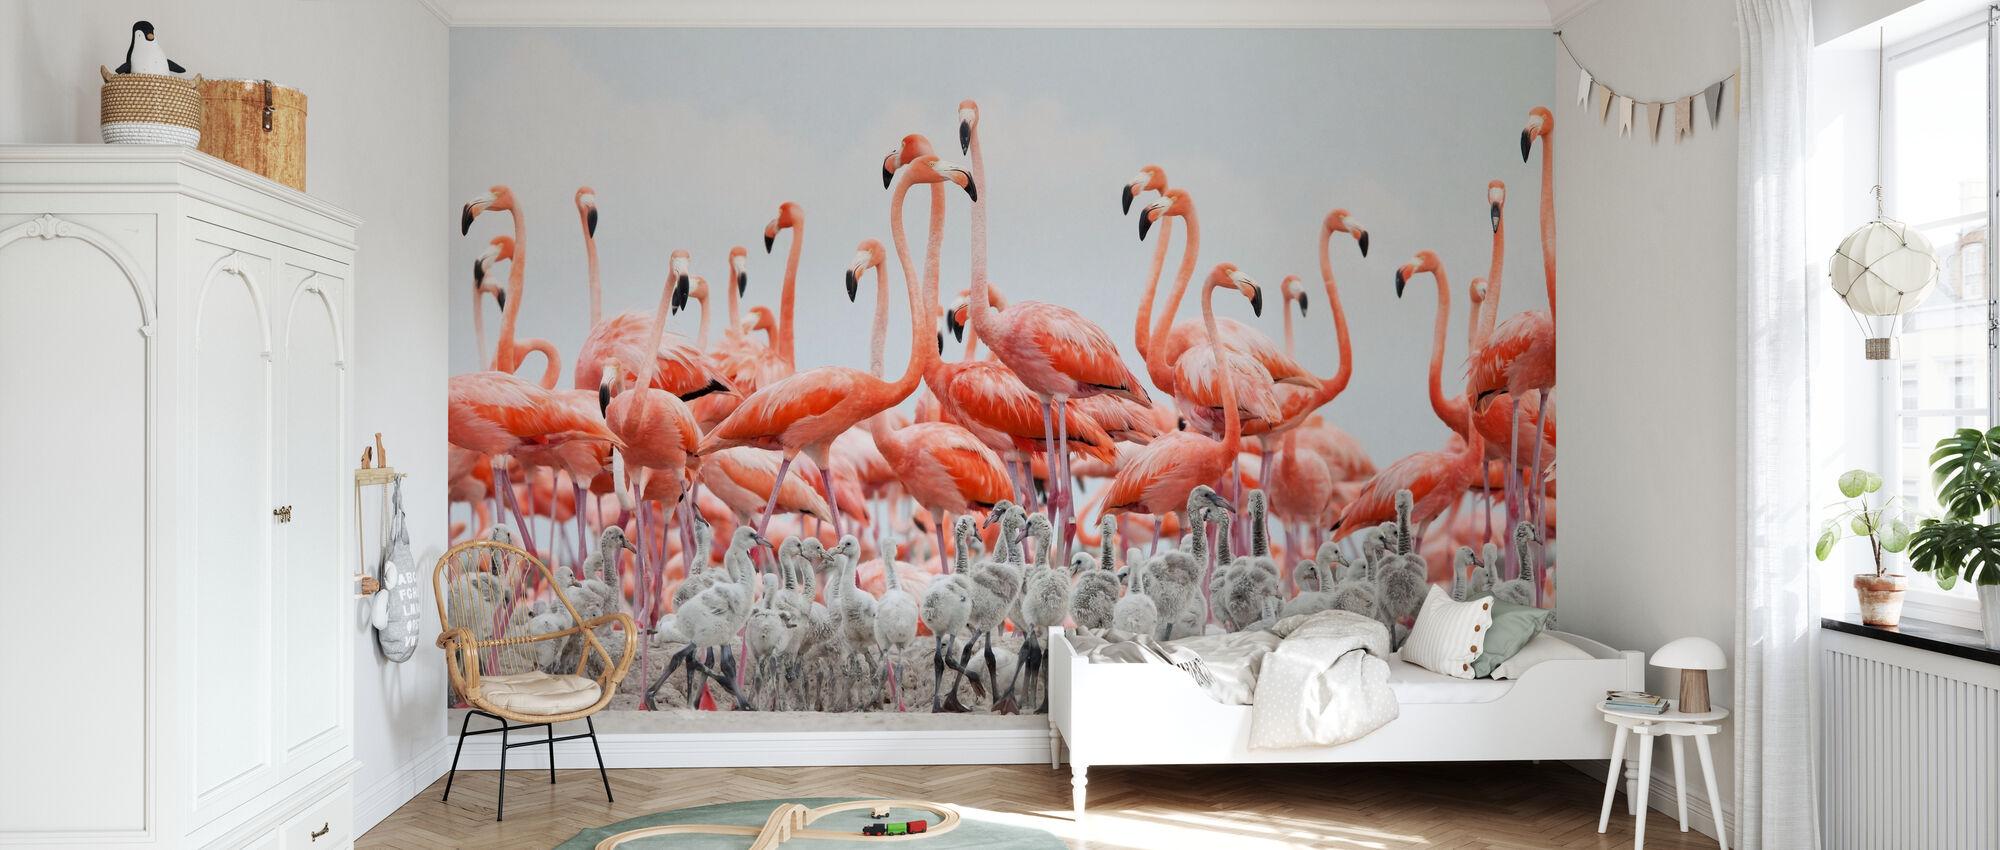 Caribbean Flamingo - Wallpaper - Kids Room